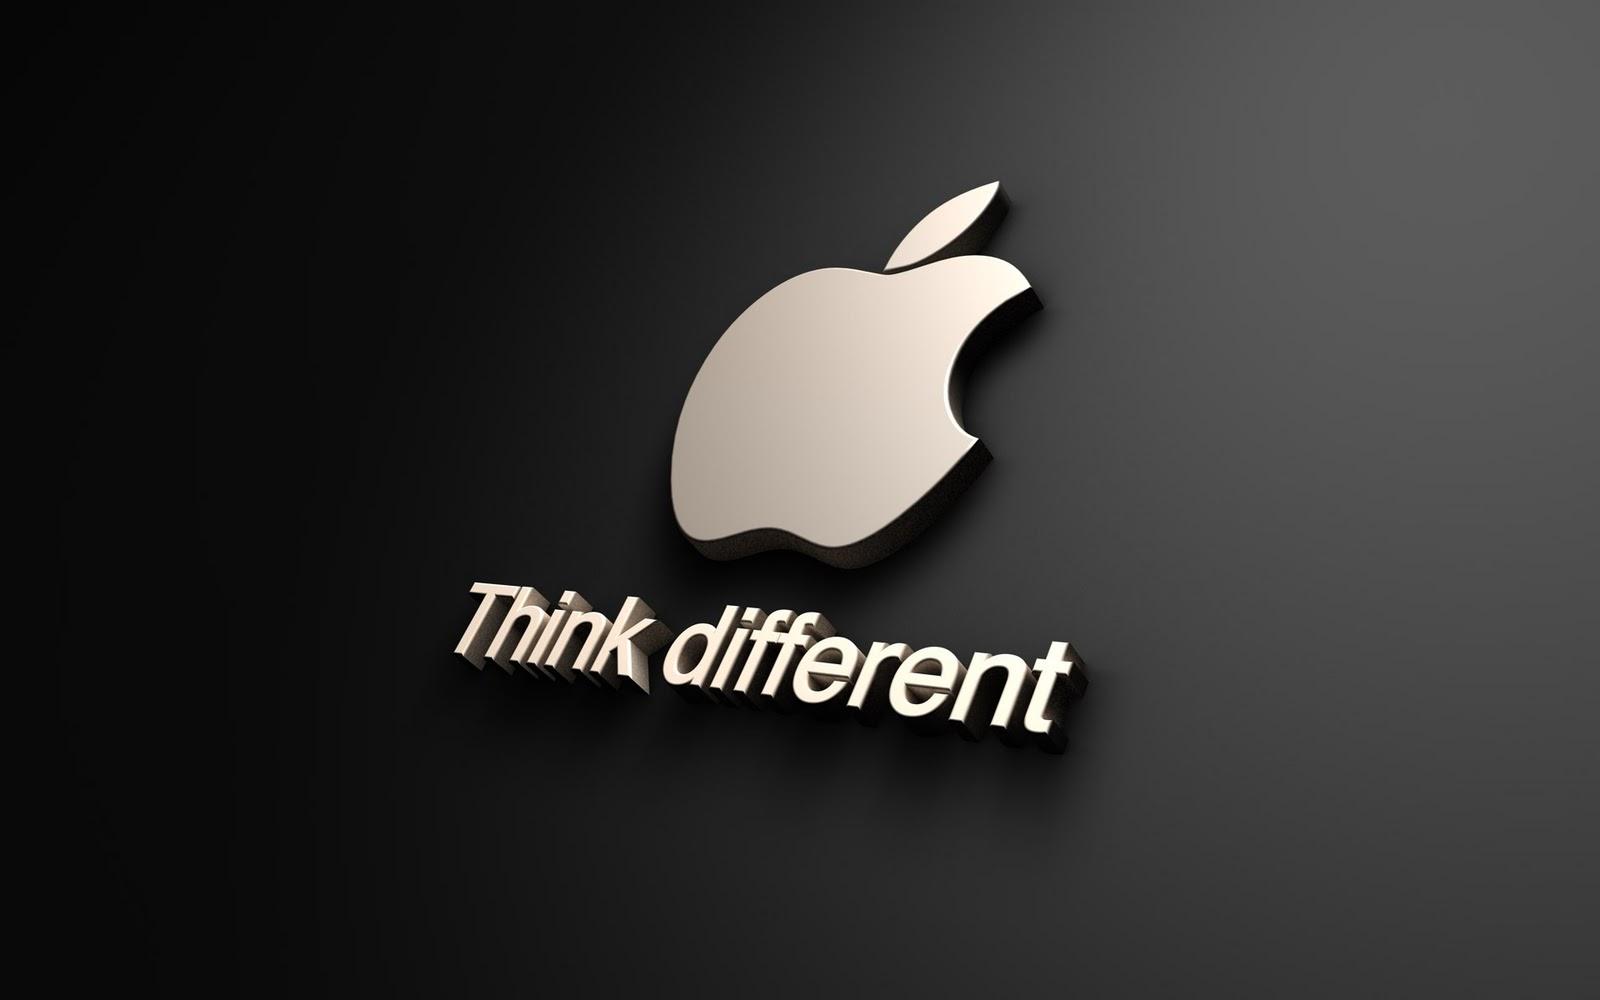 Apple vende 33,8 millones de iPhones, pero pierde beneficios